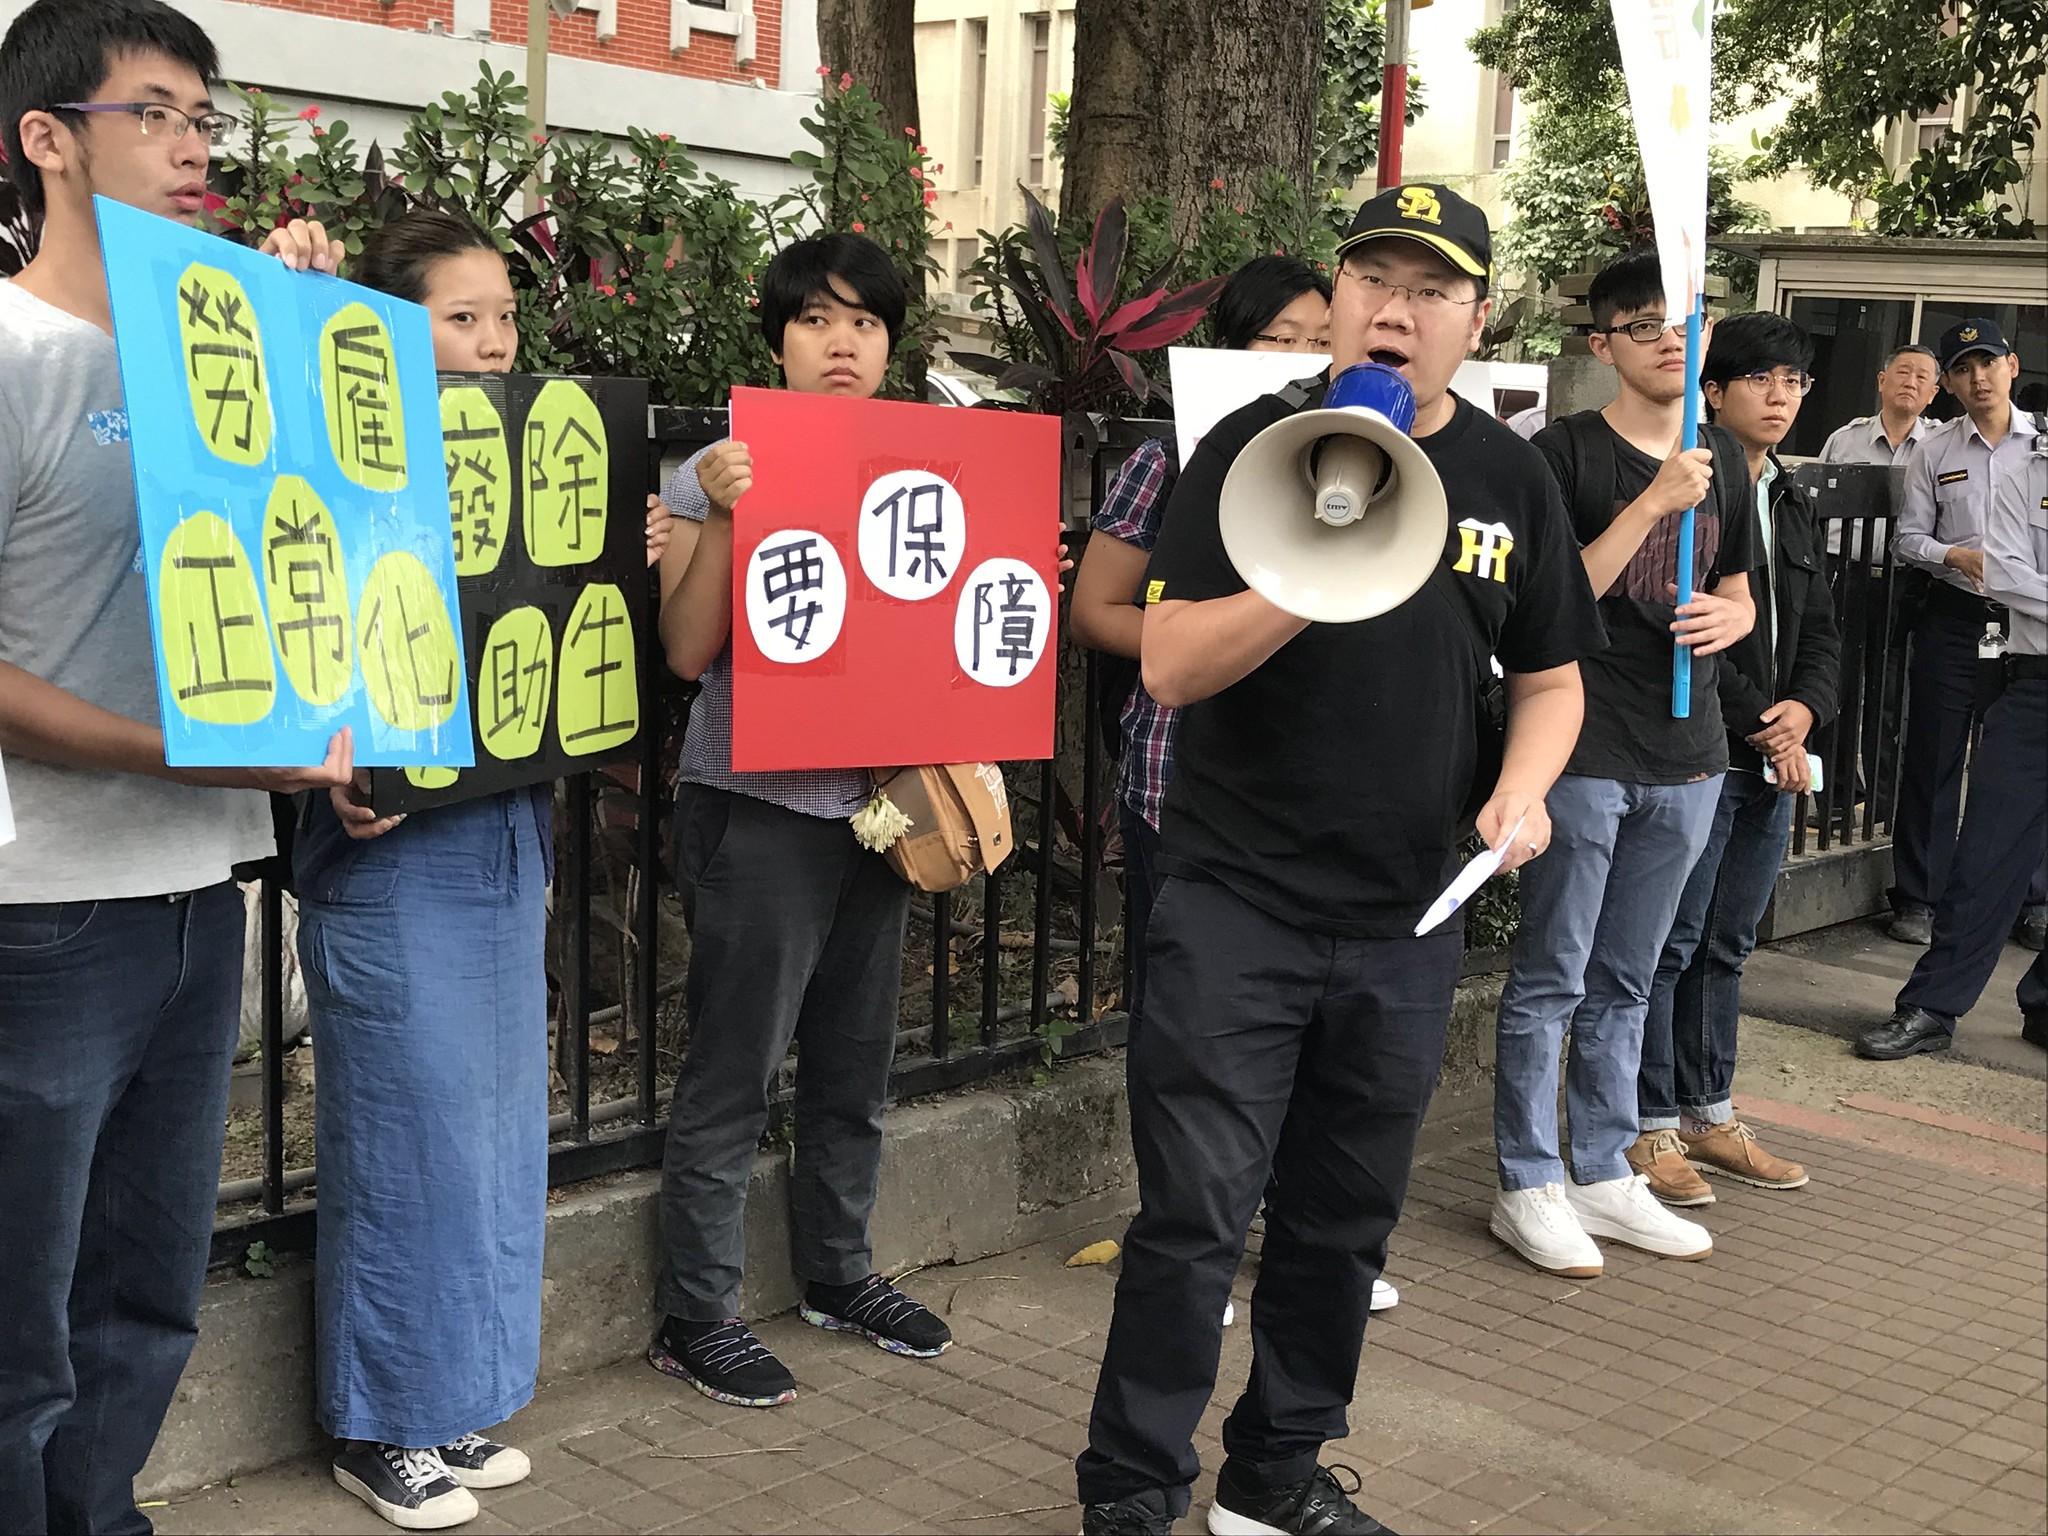 """学生团体来到教育部前,希望教育部能够针对兼任助理〈原则〉的""""假课程""""漏洞作出回应。(摄影:张宗坤)"""